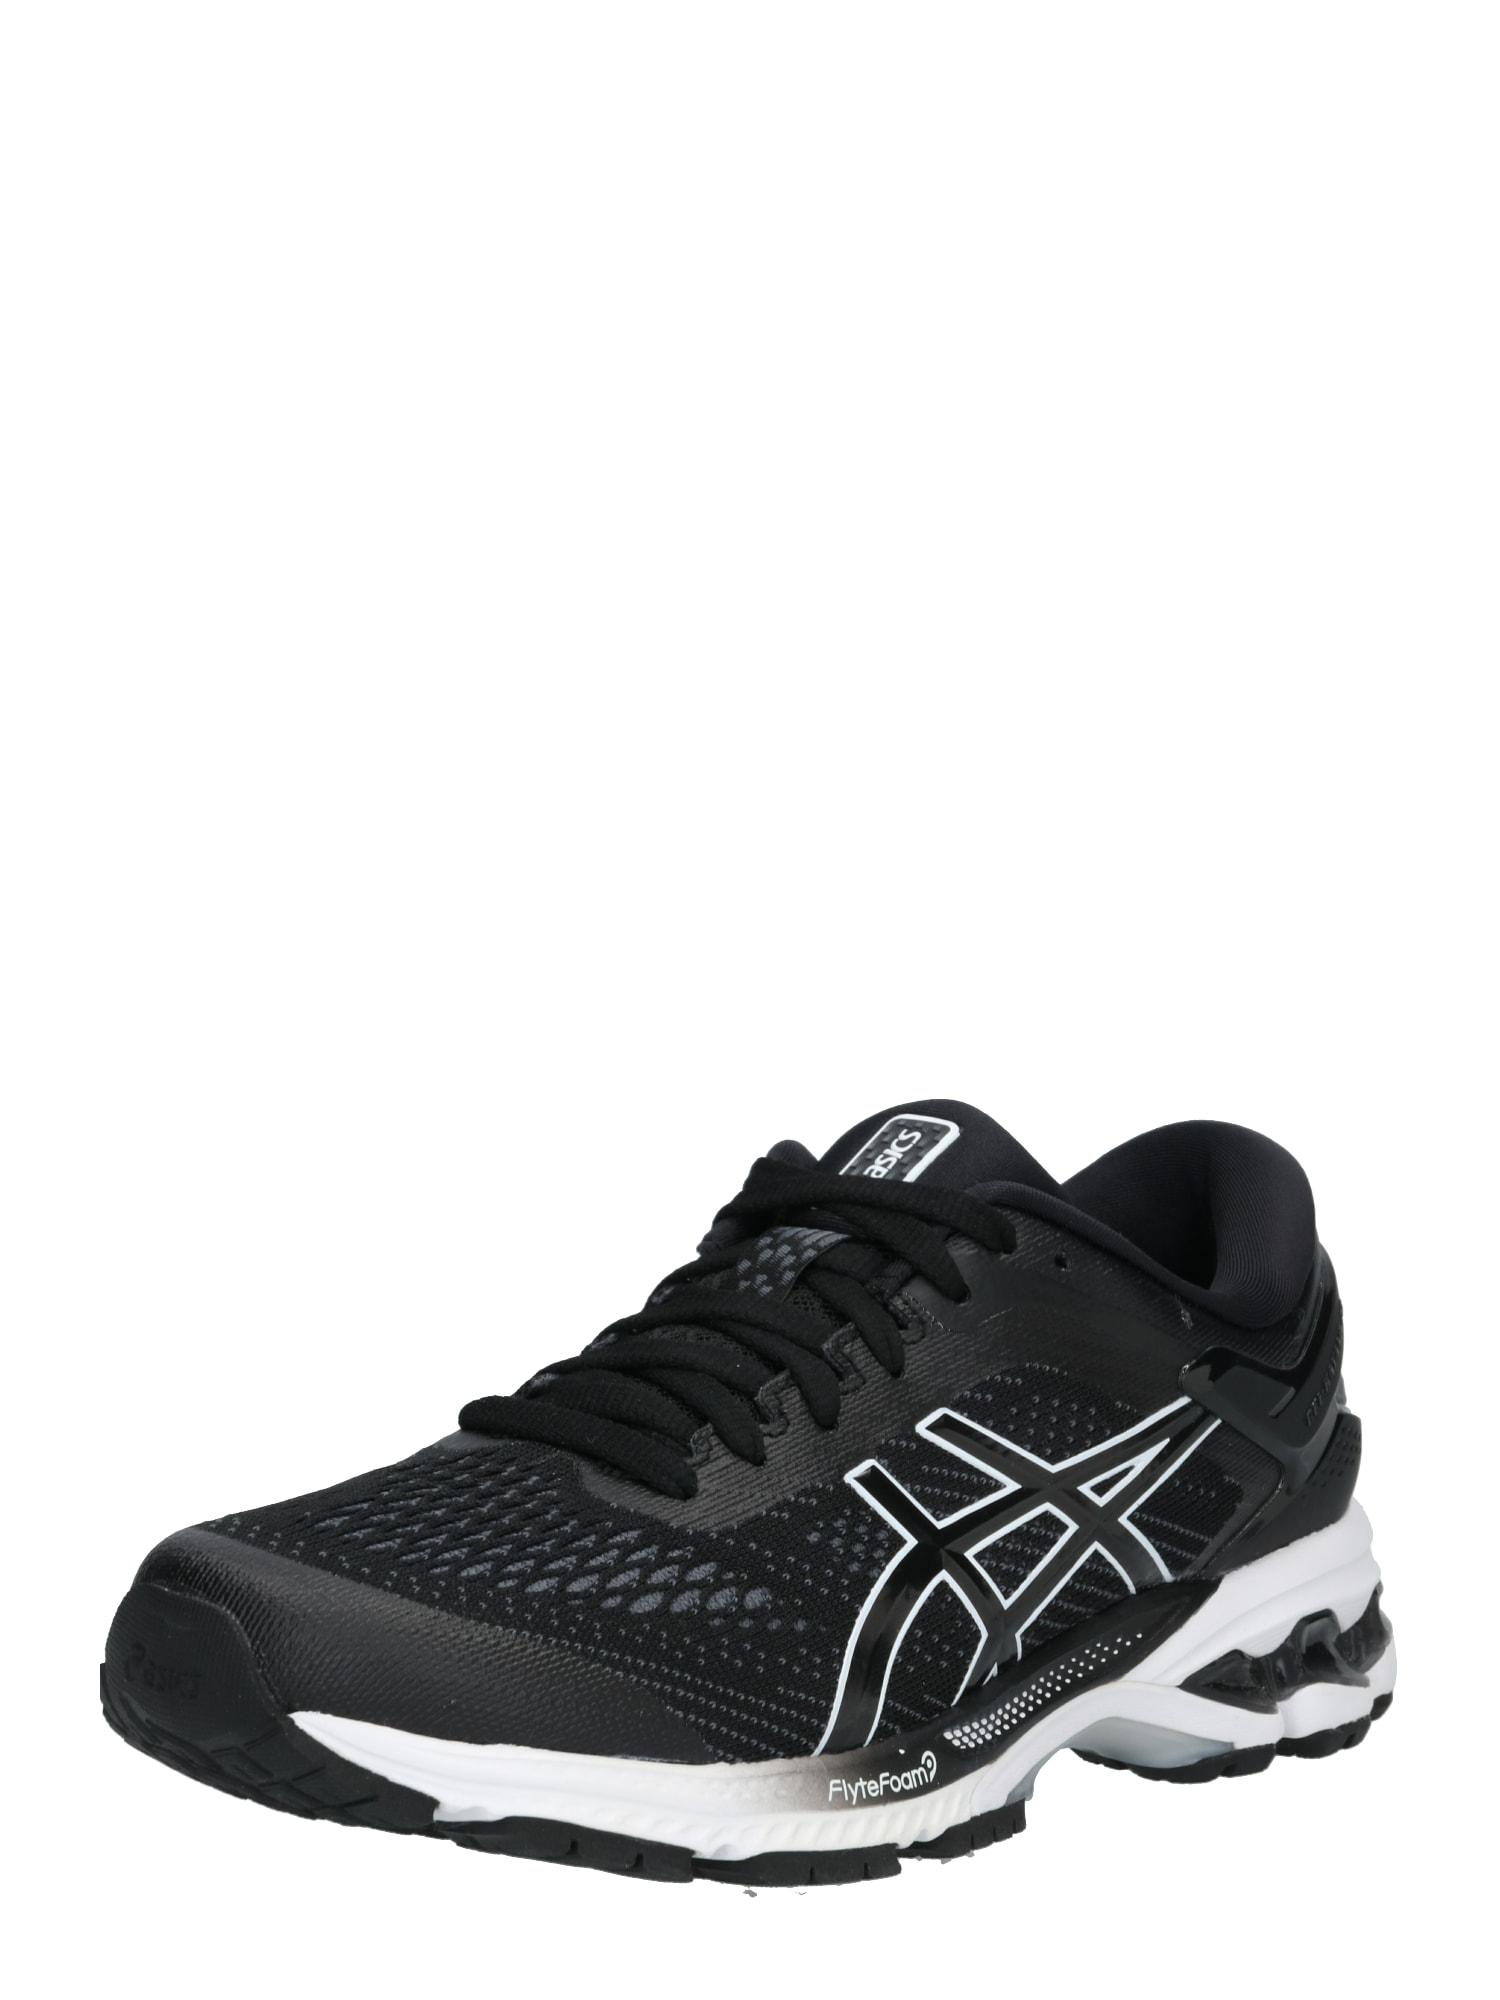 Běžecká obuv GEL-KAYANO 26 černá bílá ASICS